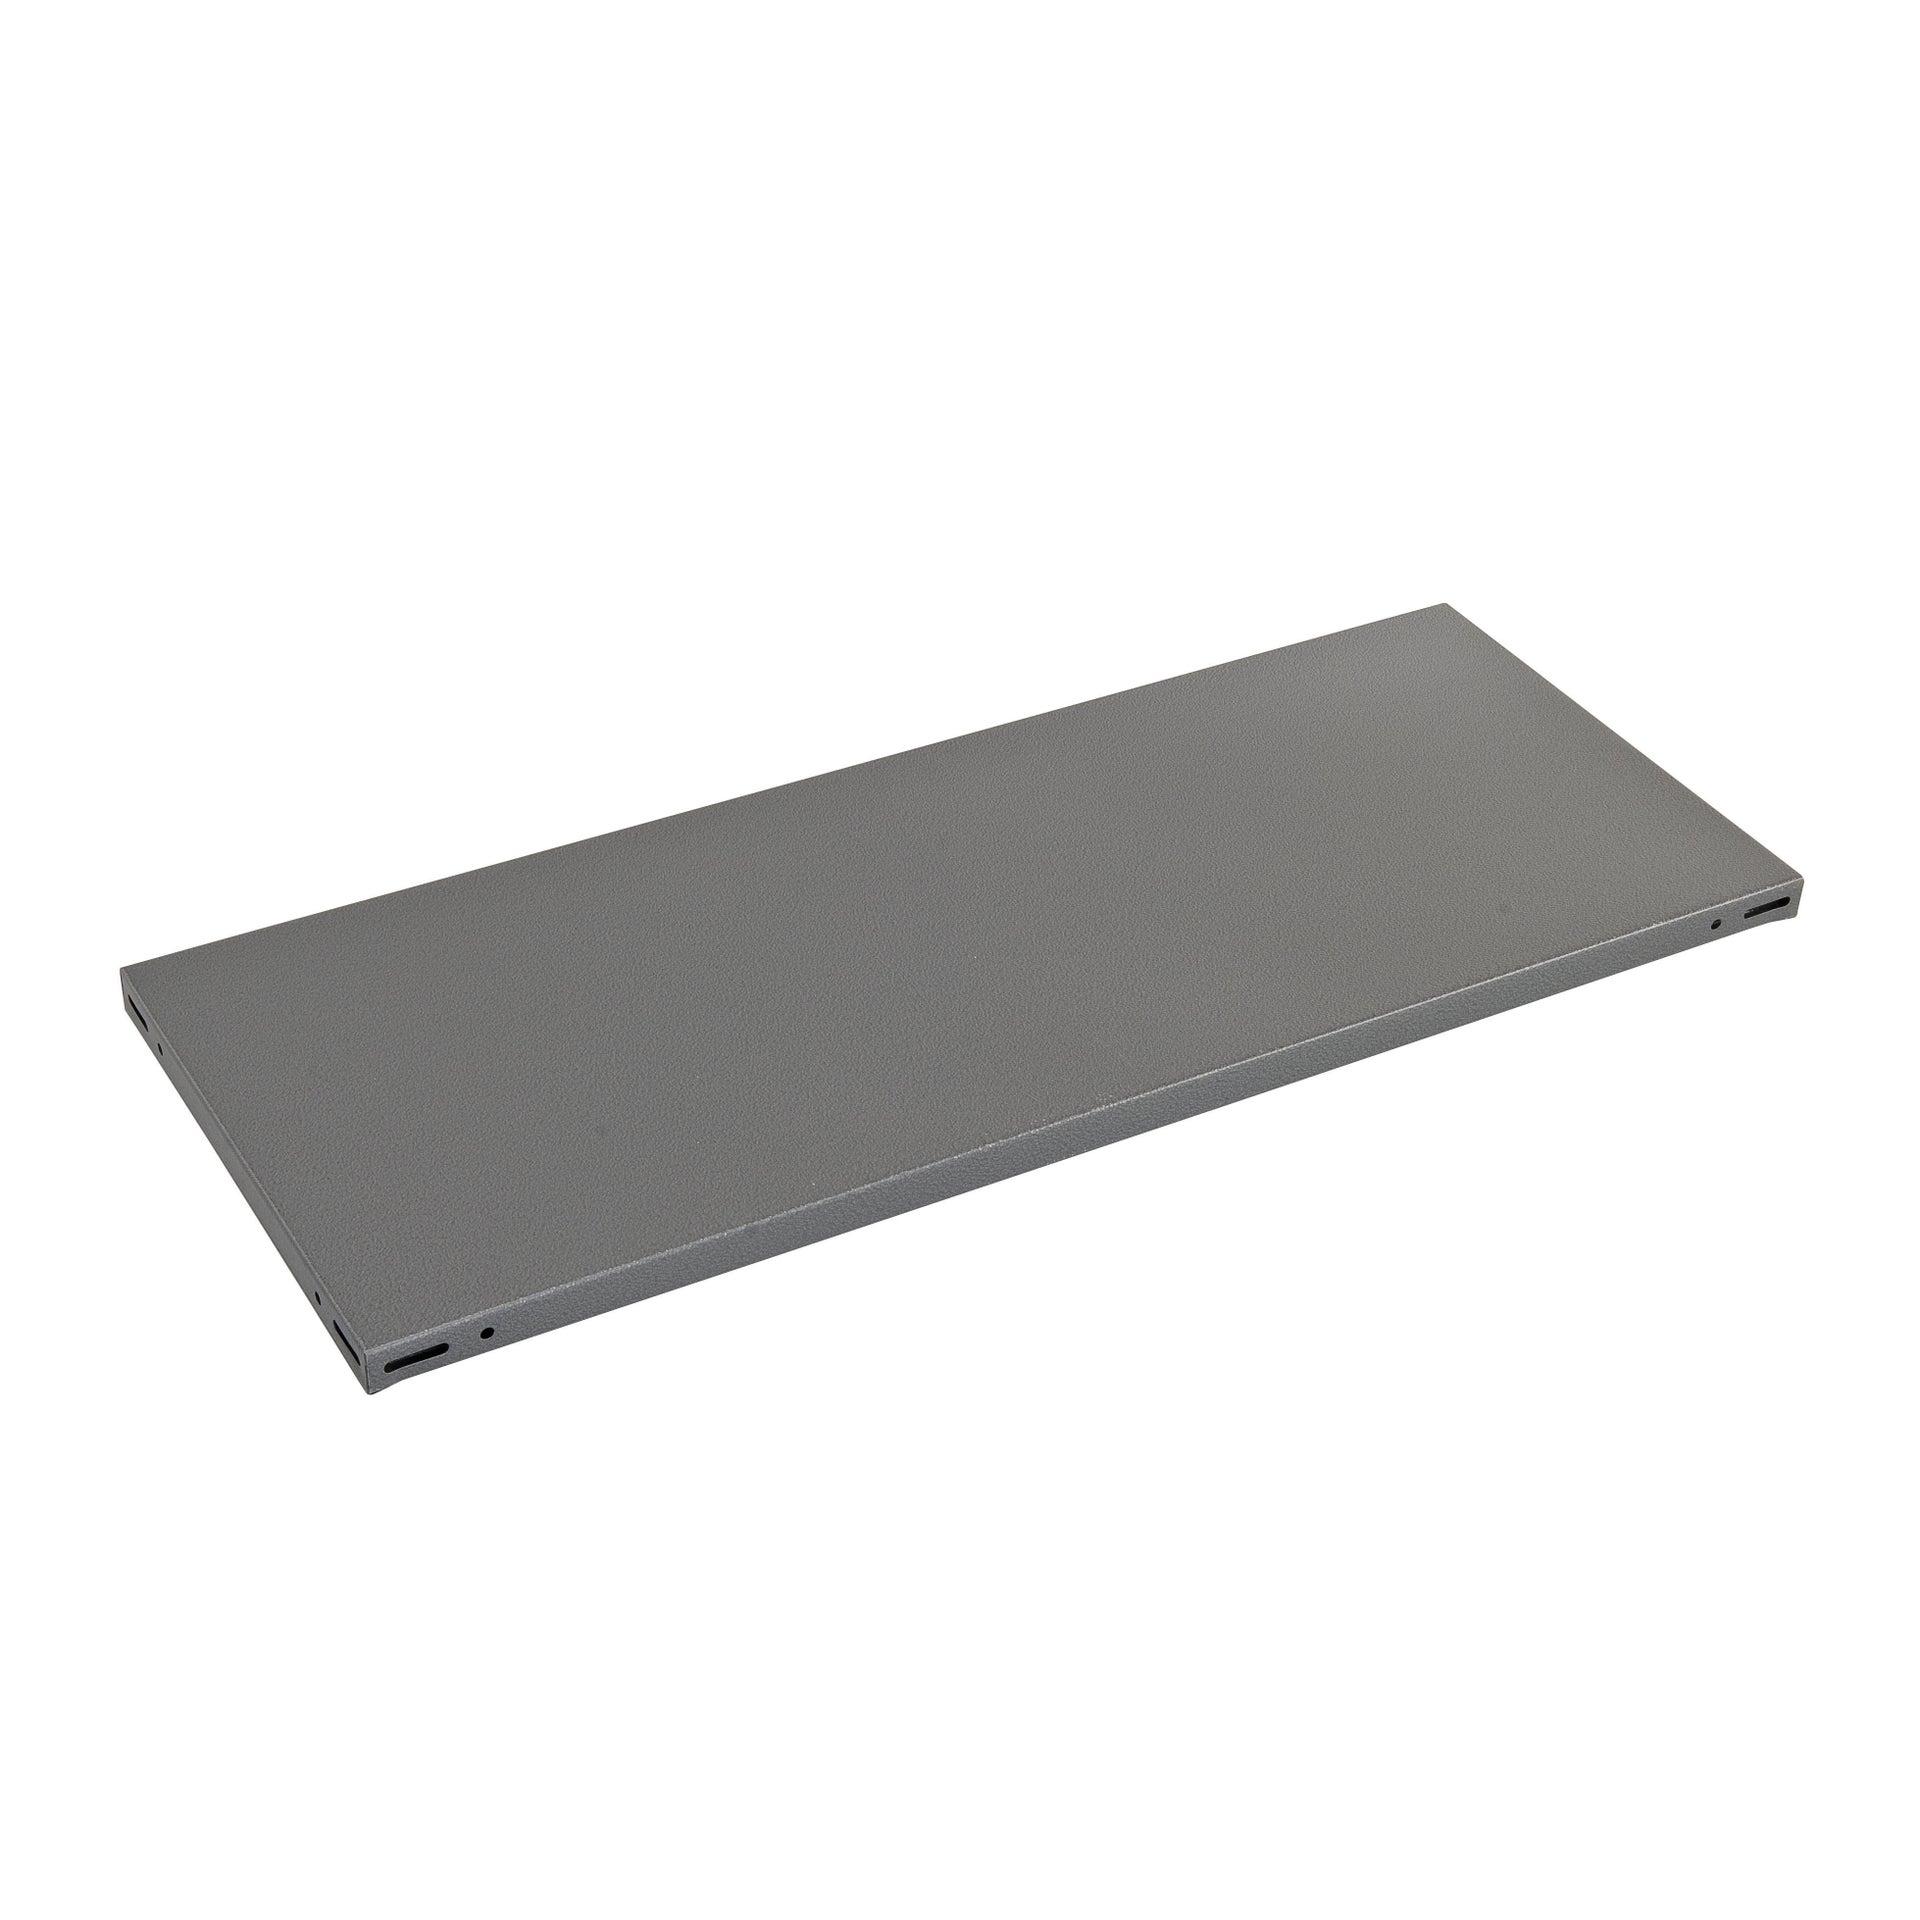 Ripiano L 150 x H 3 x P 50 cm grigio